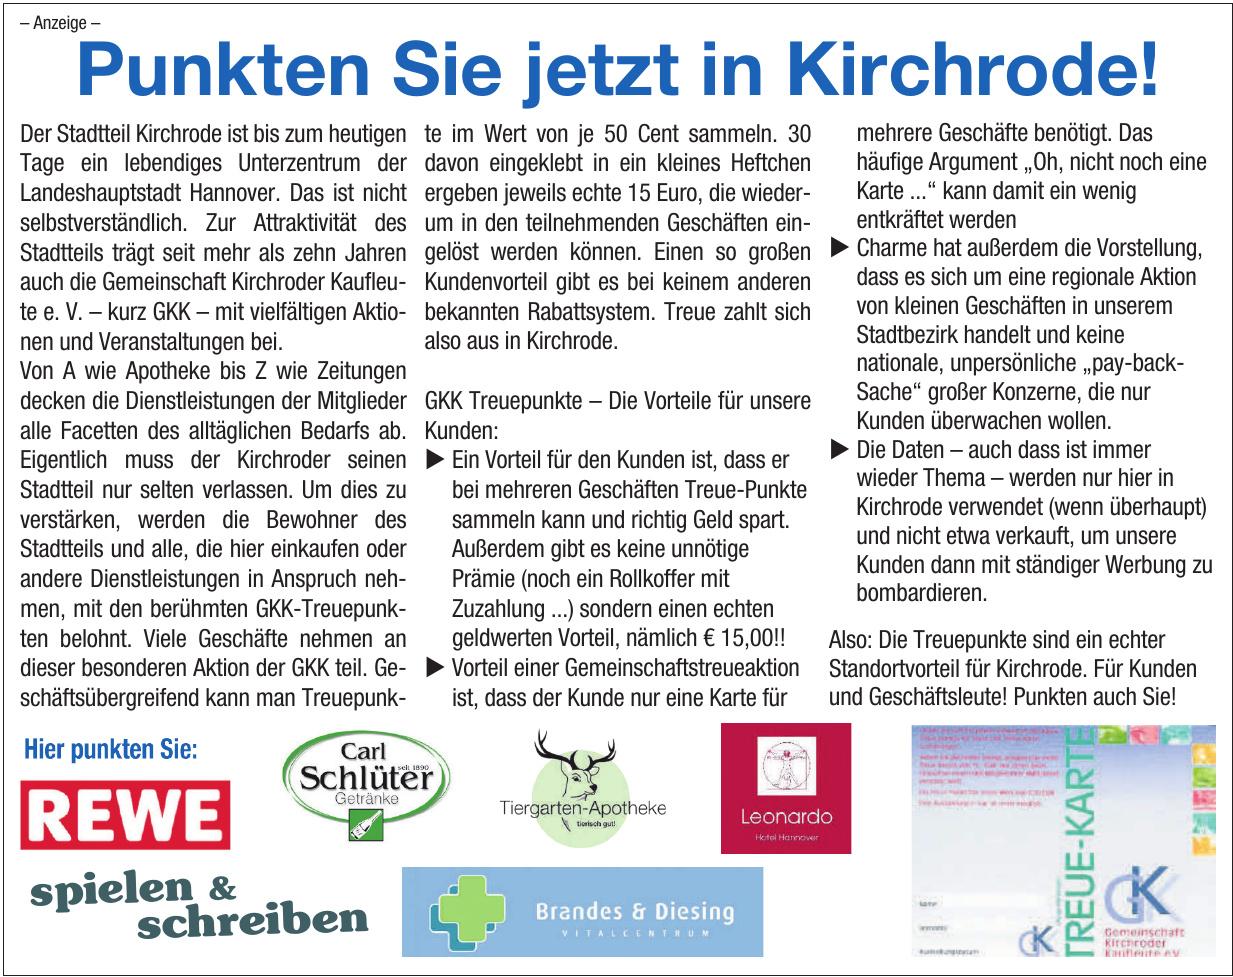 Punkten Sie jetzt in Kirchrode!